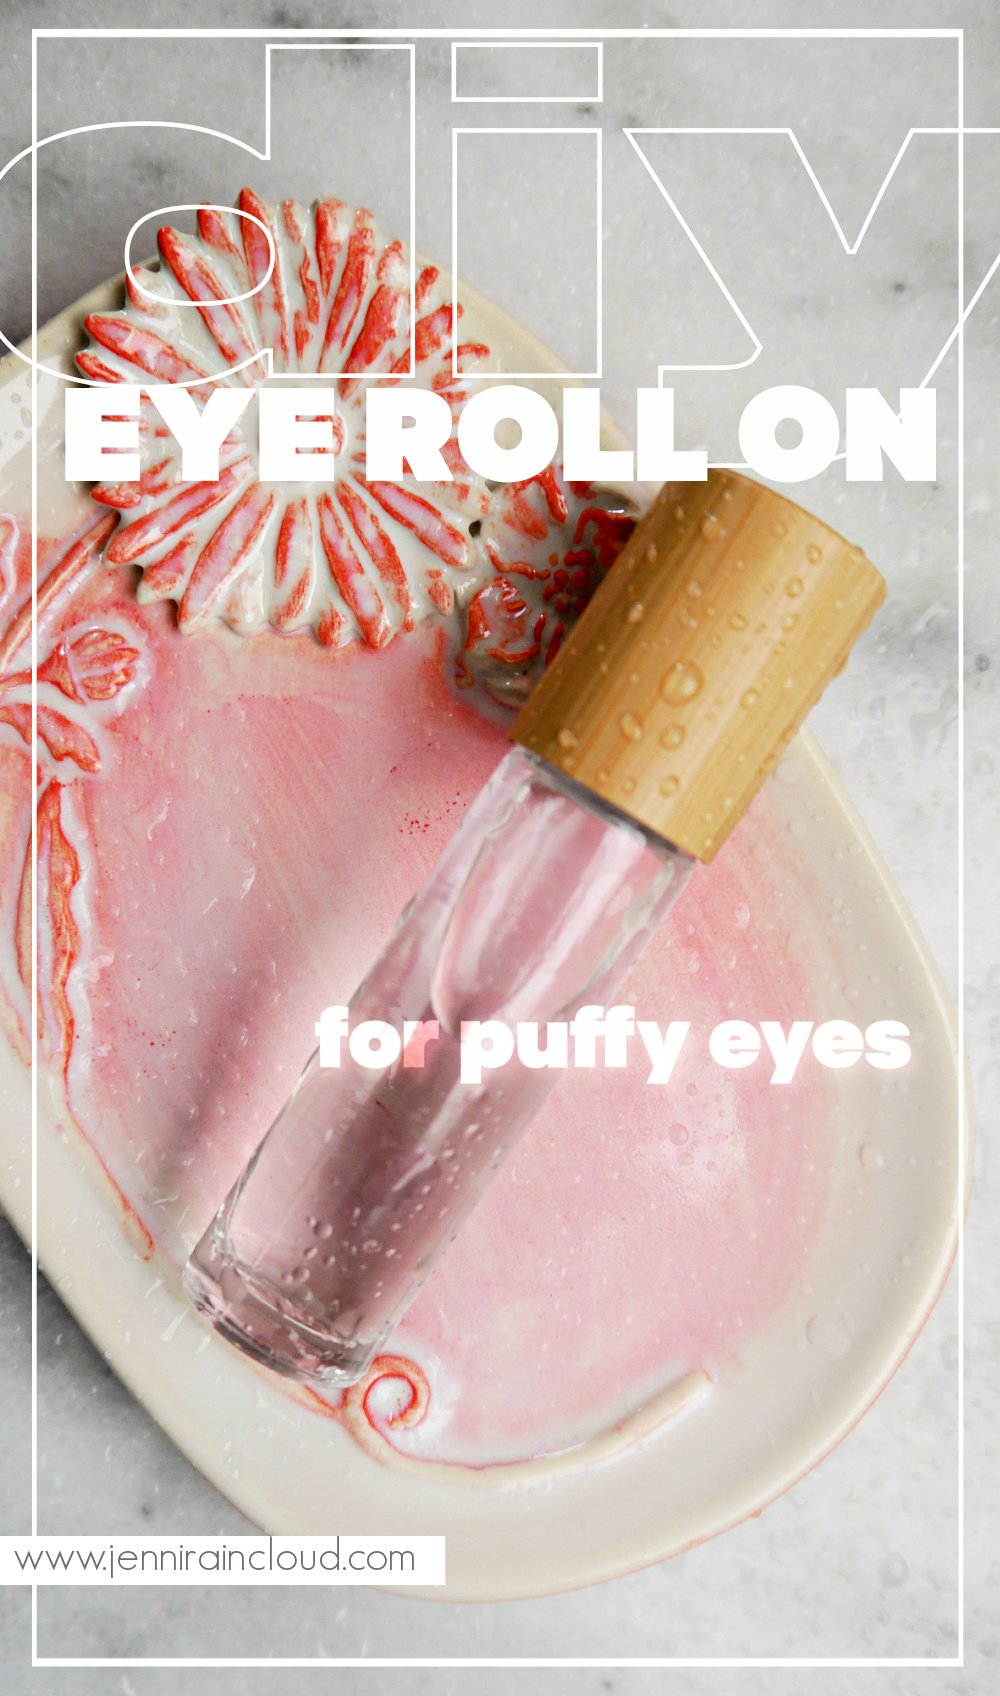 DIY Eye Roll On for Puffy Eyes